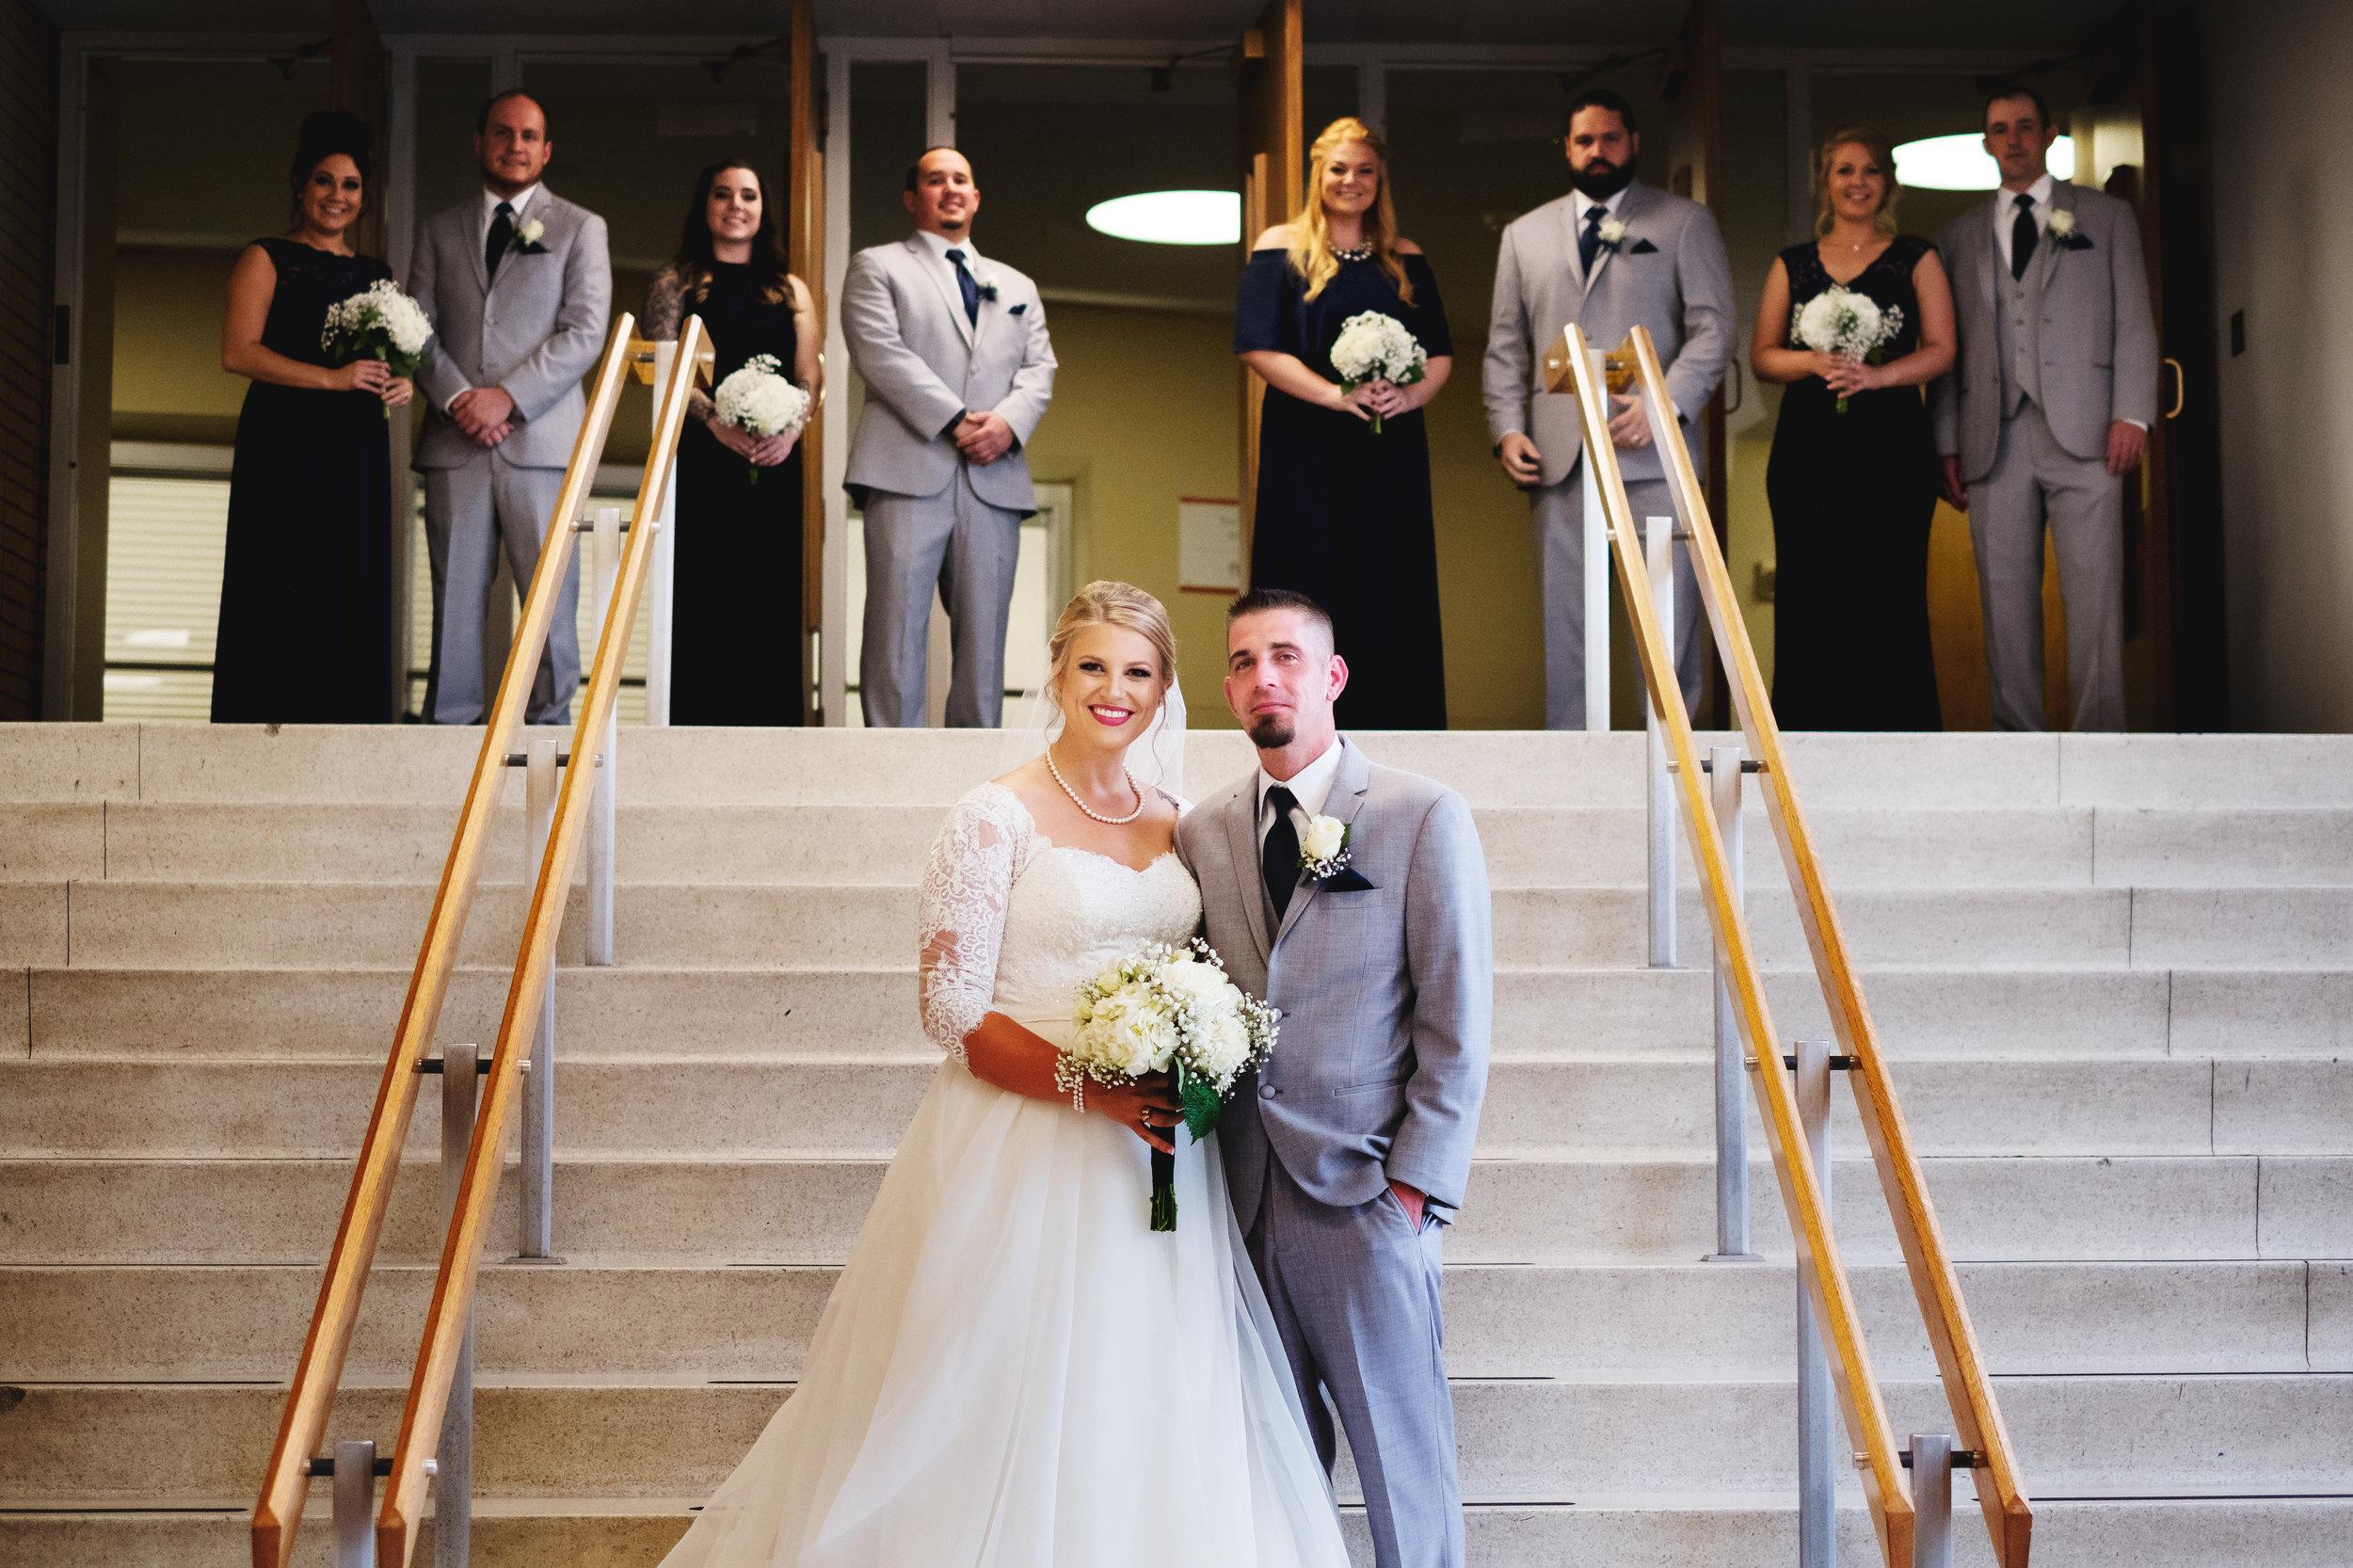 King-Northern-Illinois-University-Wedding039.jpg